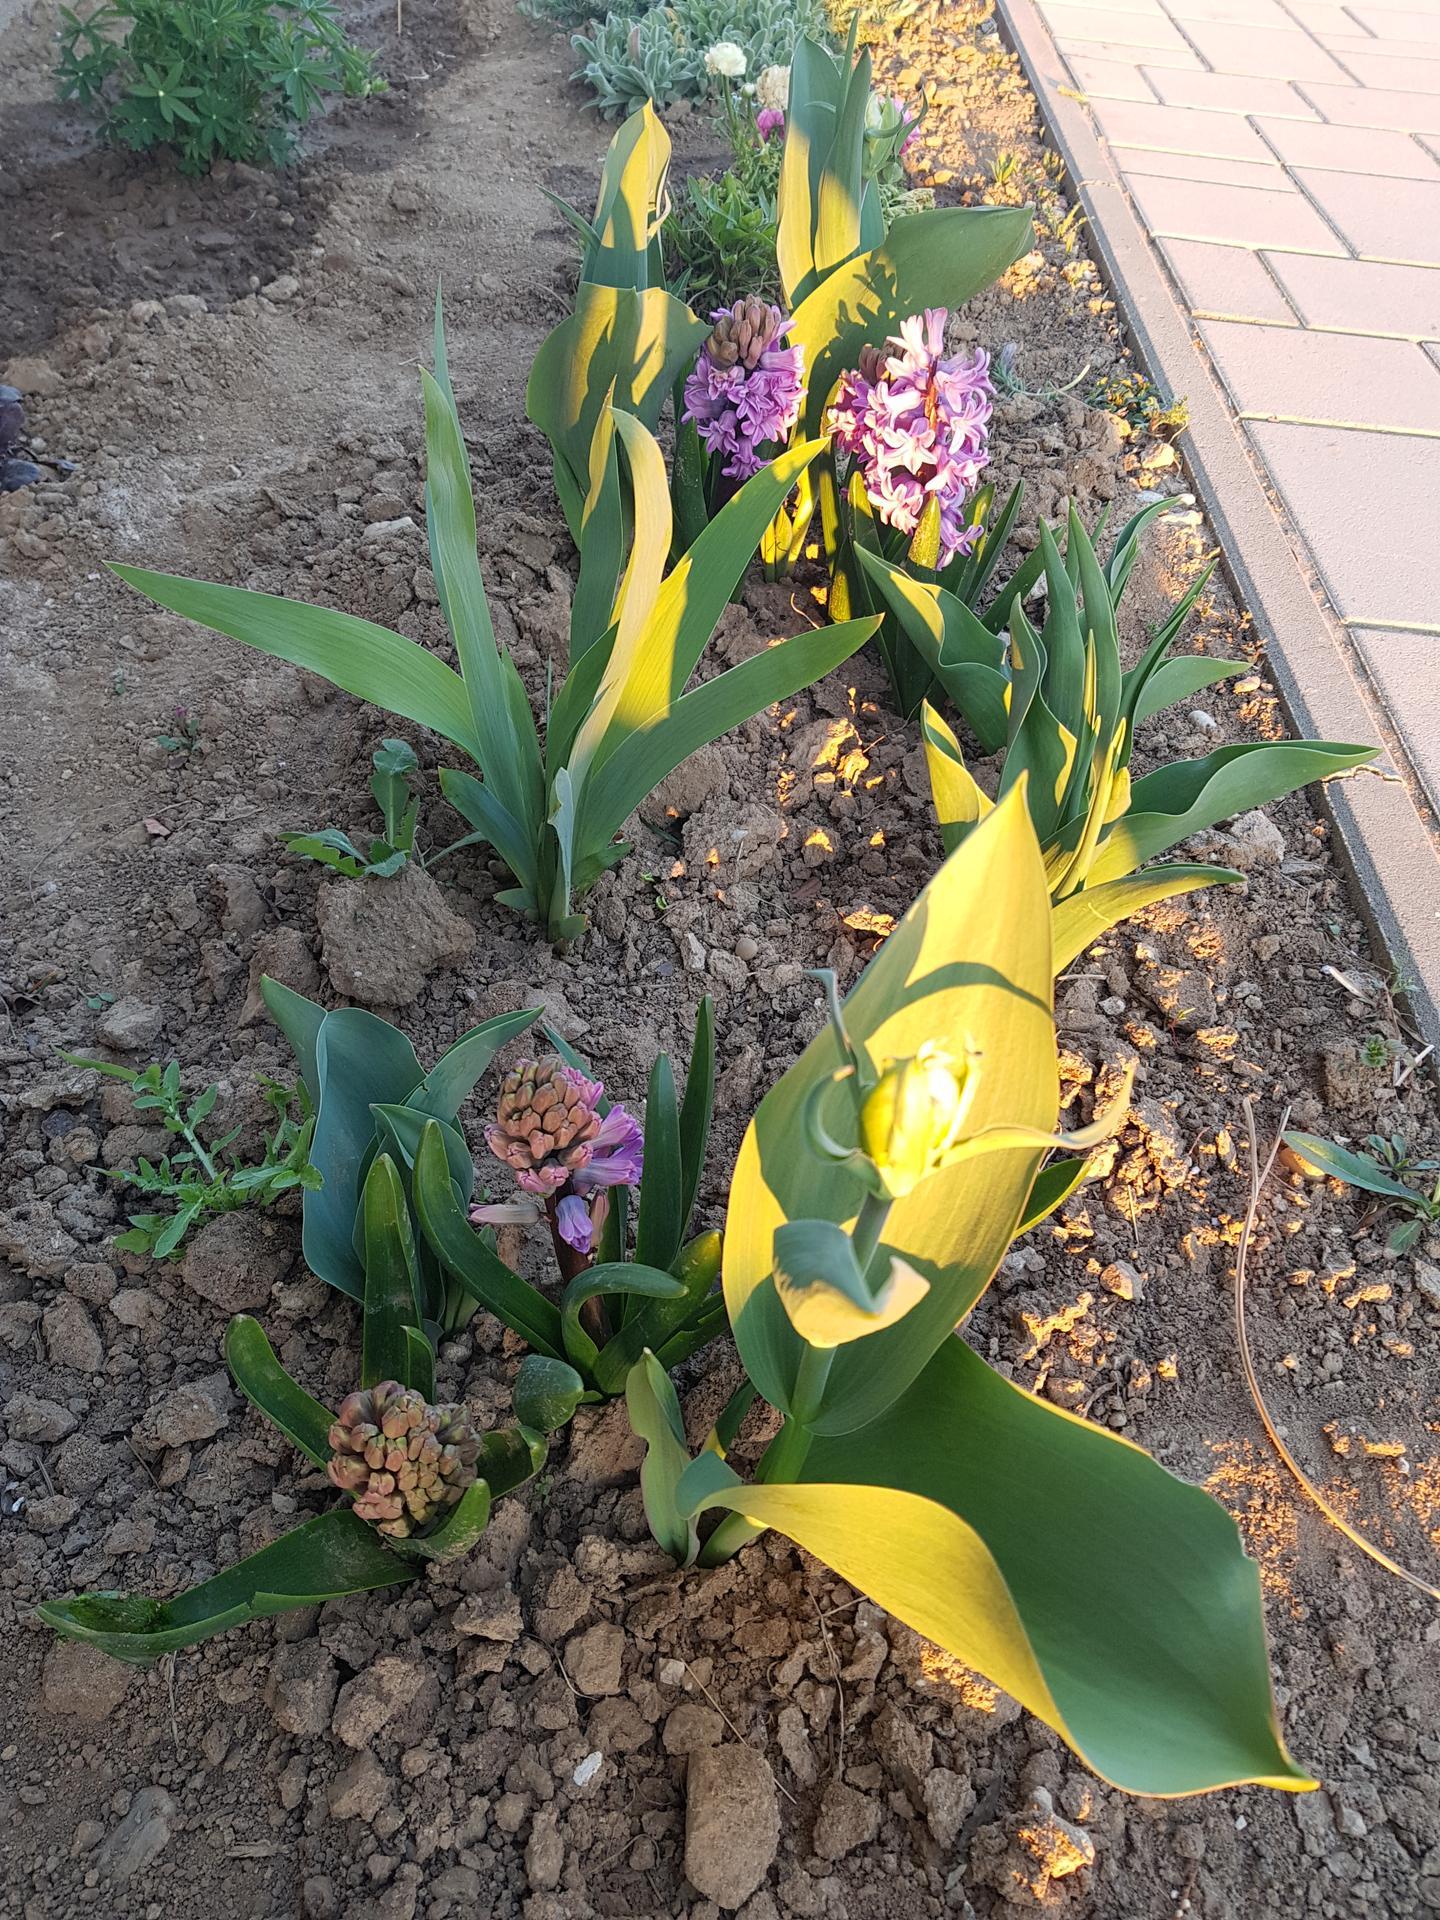 Okrasne zahony - tulipan (strapaty)